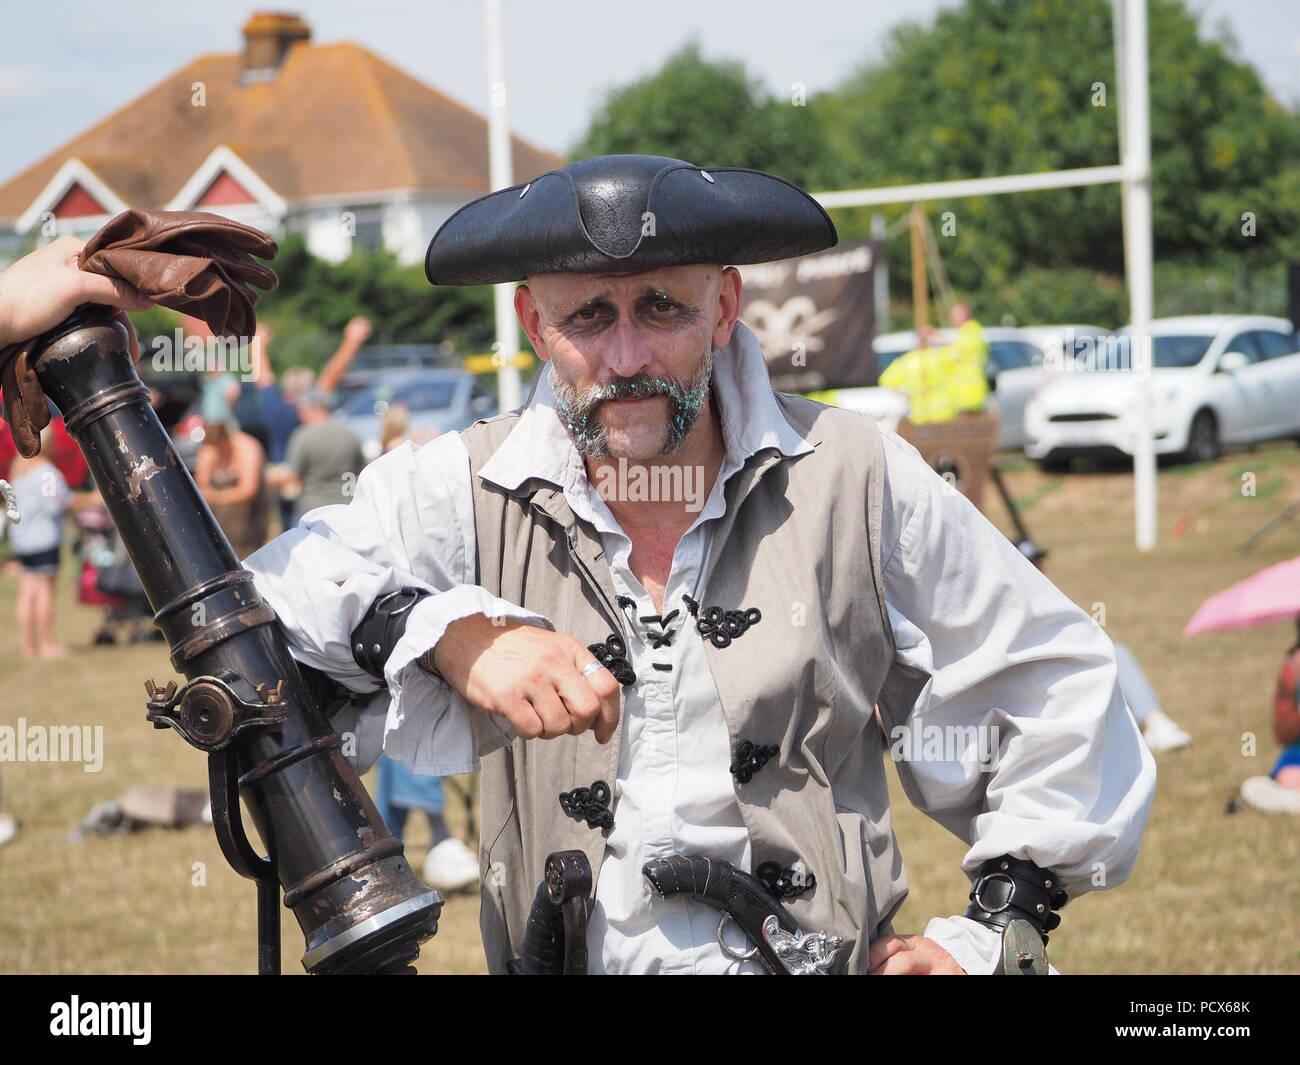 Pirate Reenactment Stock Photos & Pirate Reenactment Stock